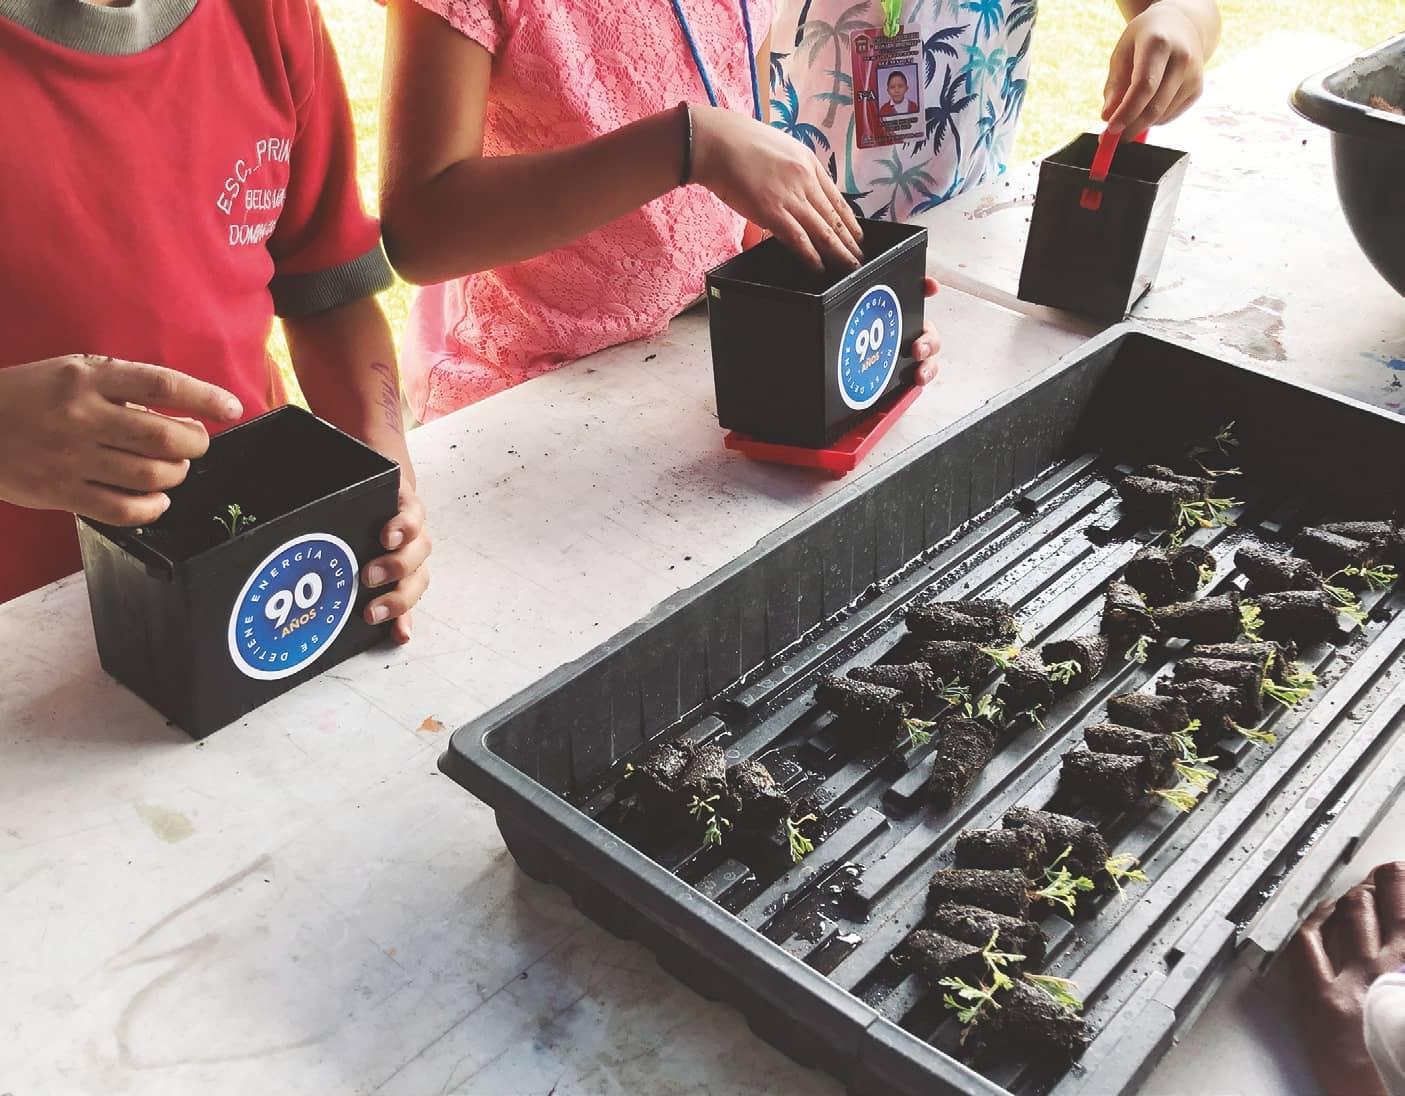 Xochitla, Una Experiencia Educativa En Pro Del Medio Ambiente